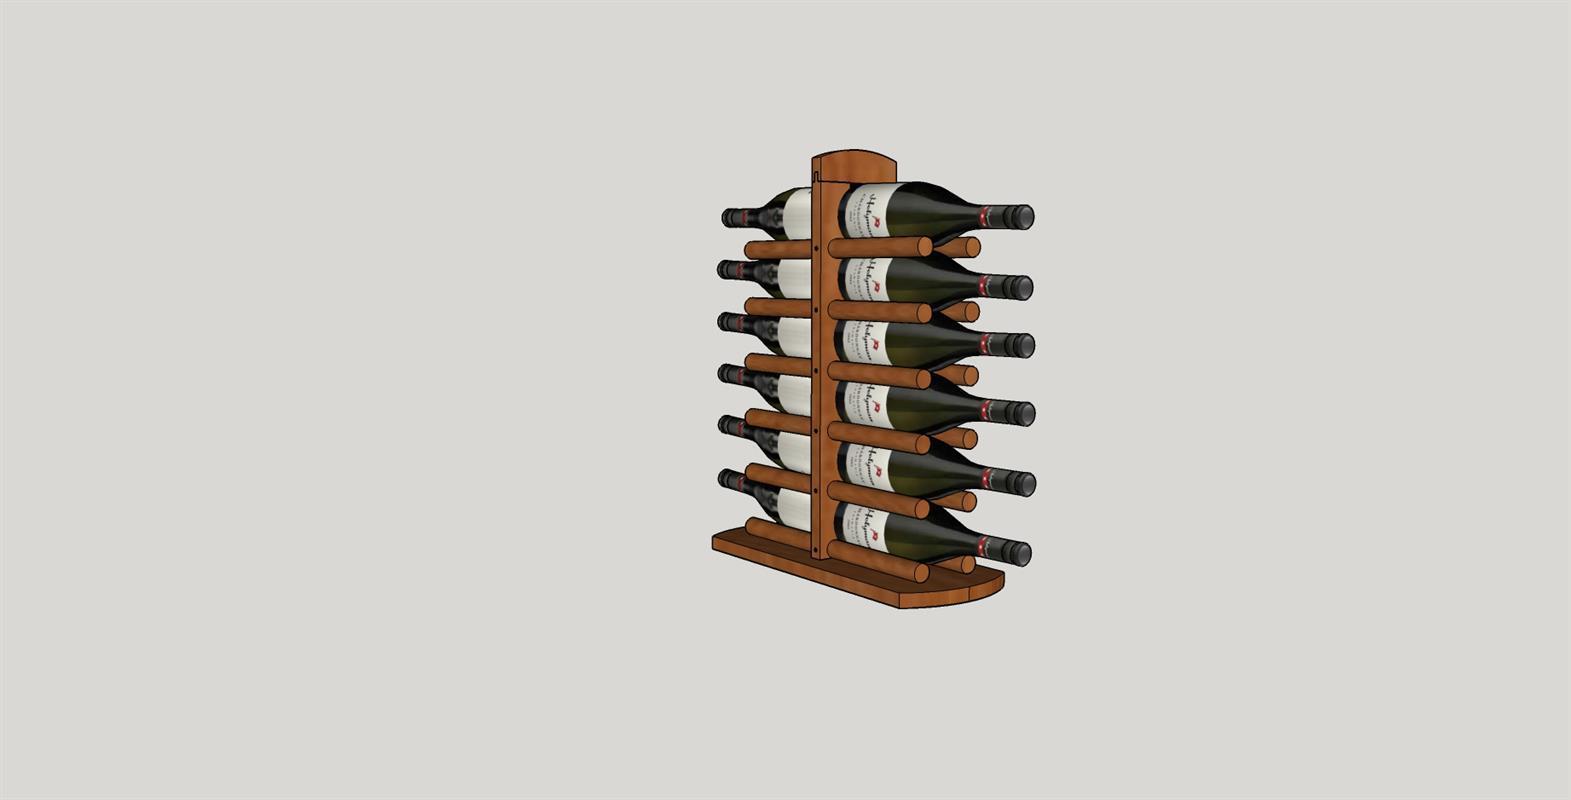 wine-rack-12-bottle-colored-filled